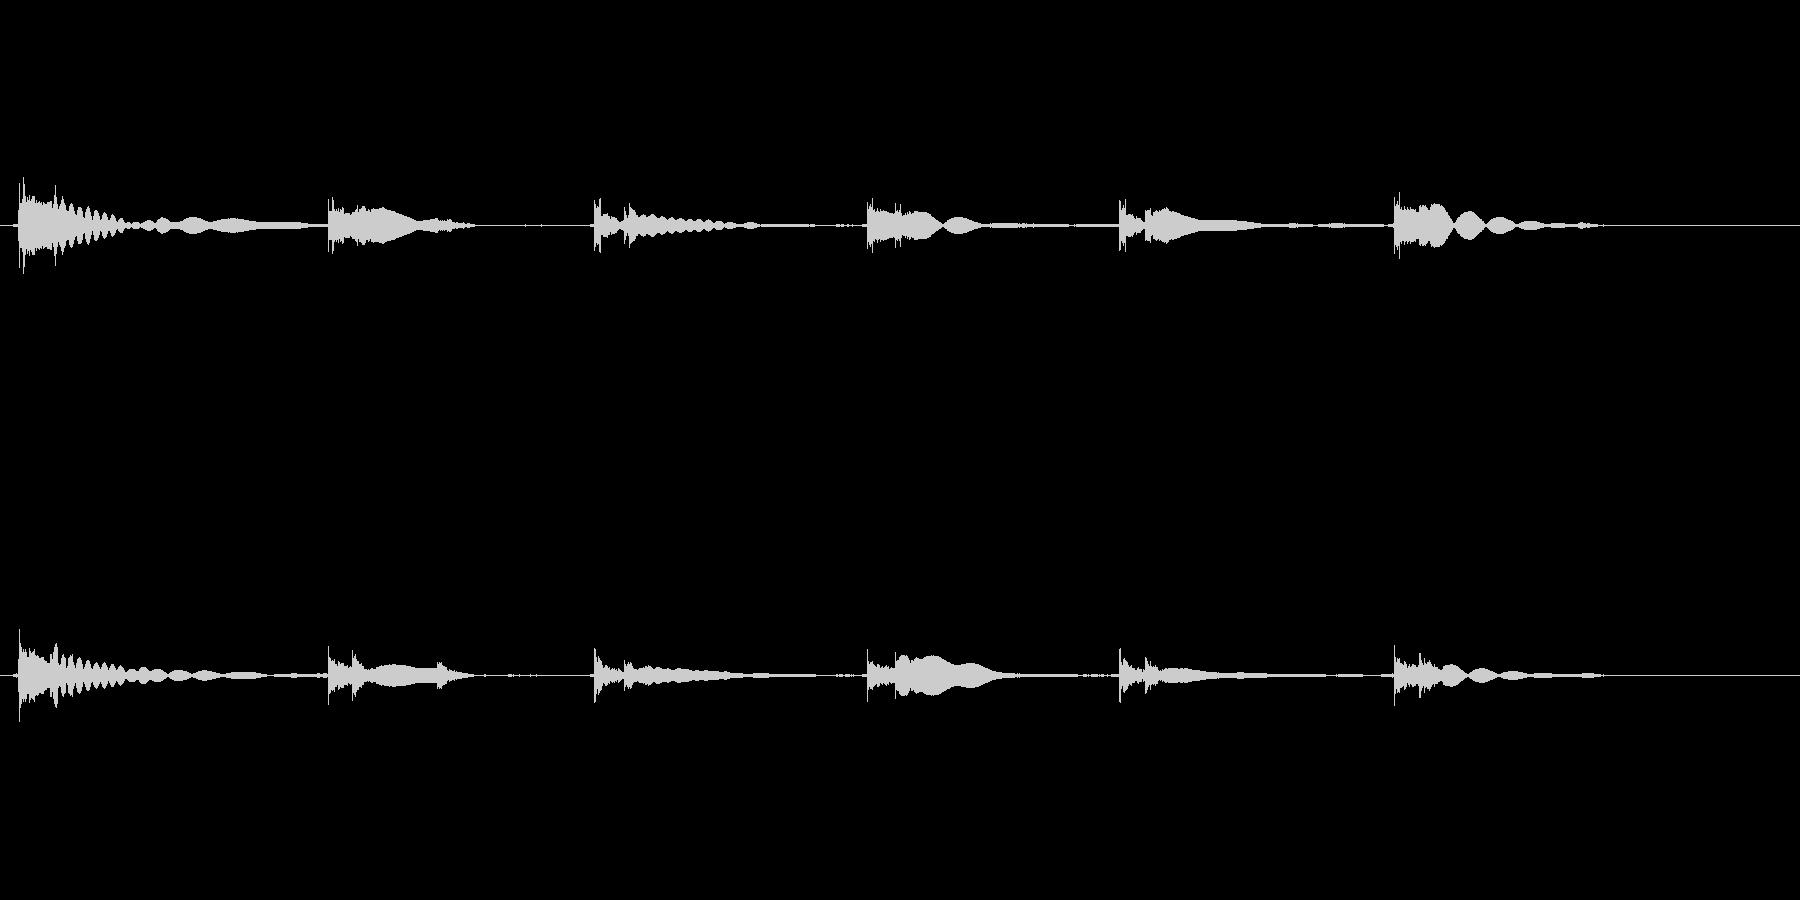 エレキギター65弦チューニング リバーブの未再生の波形